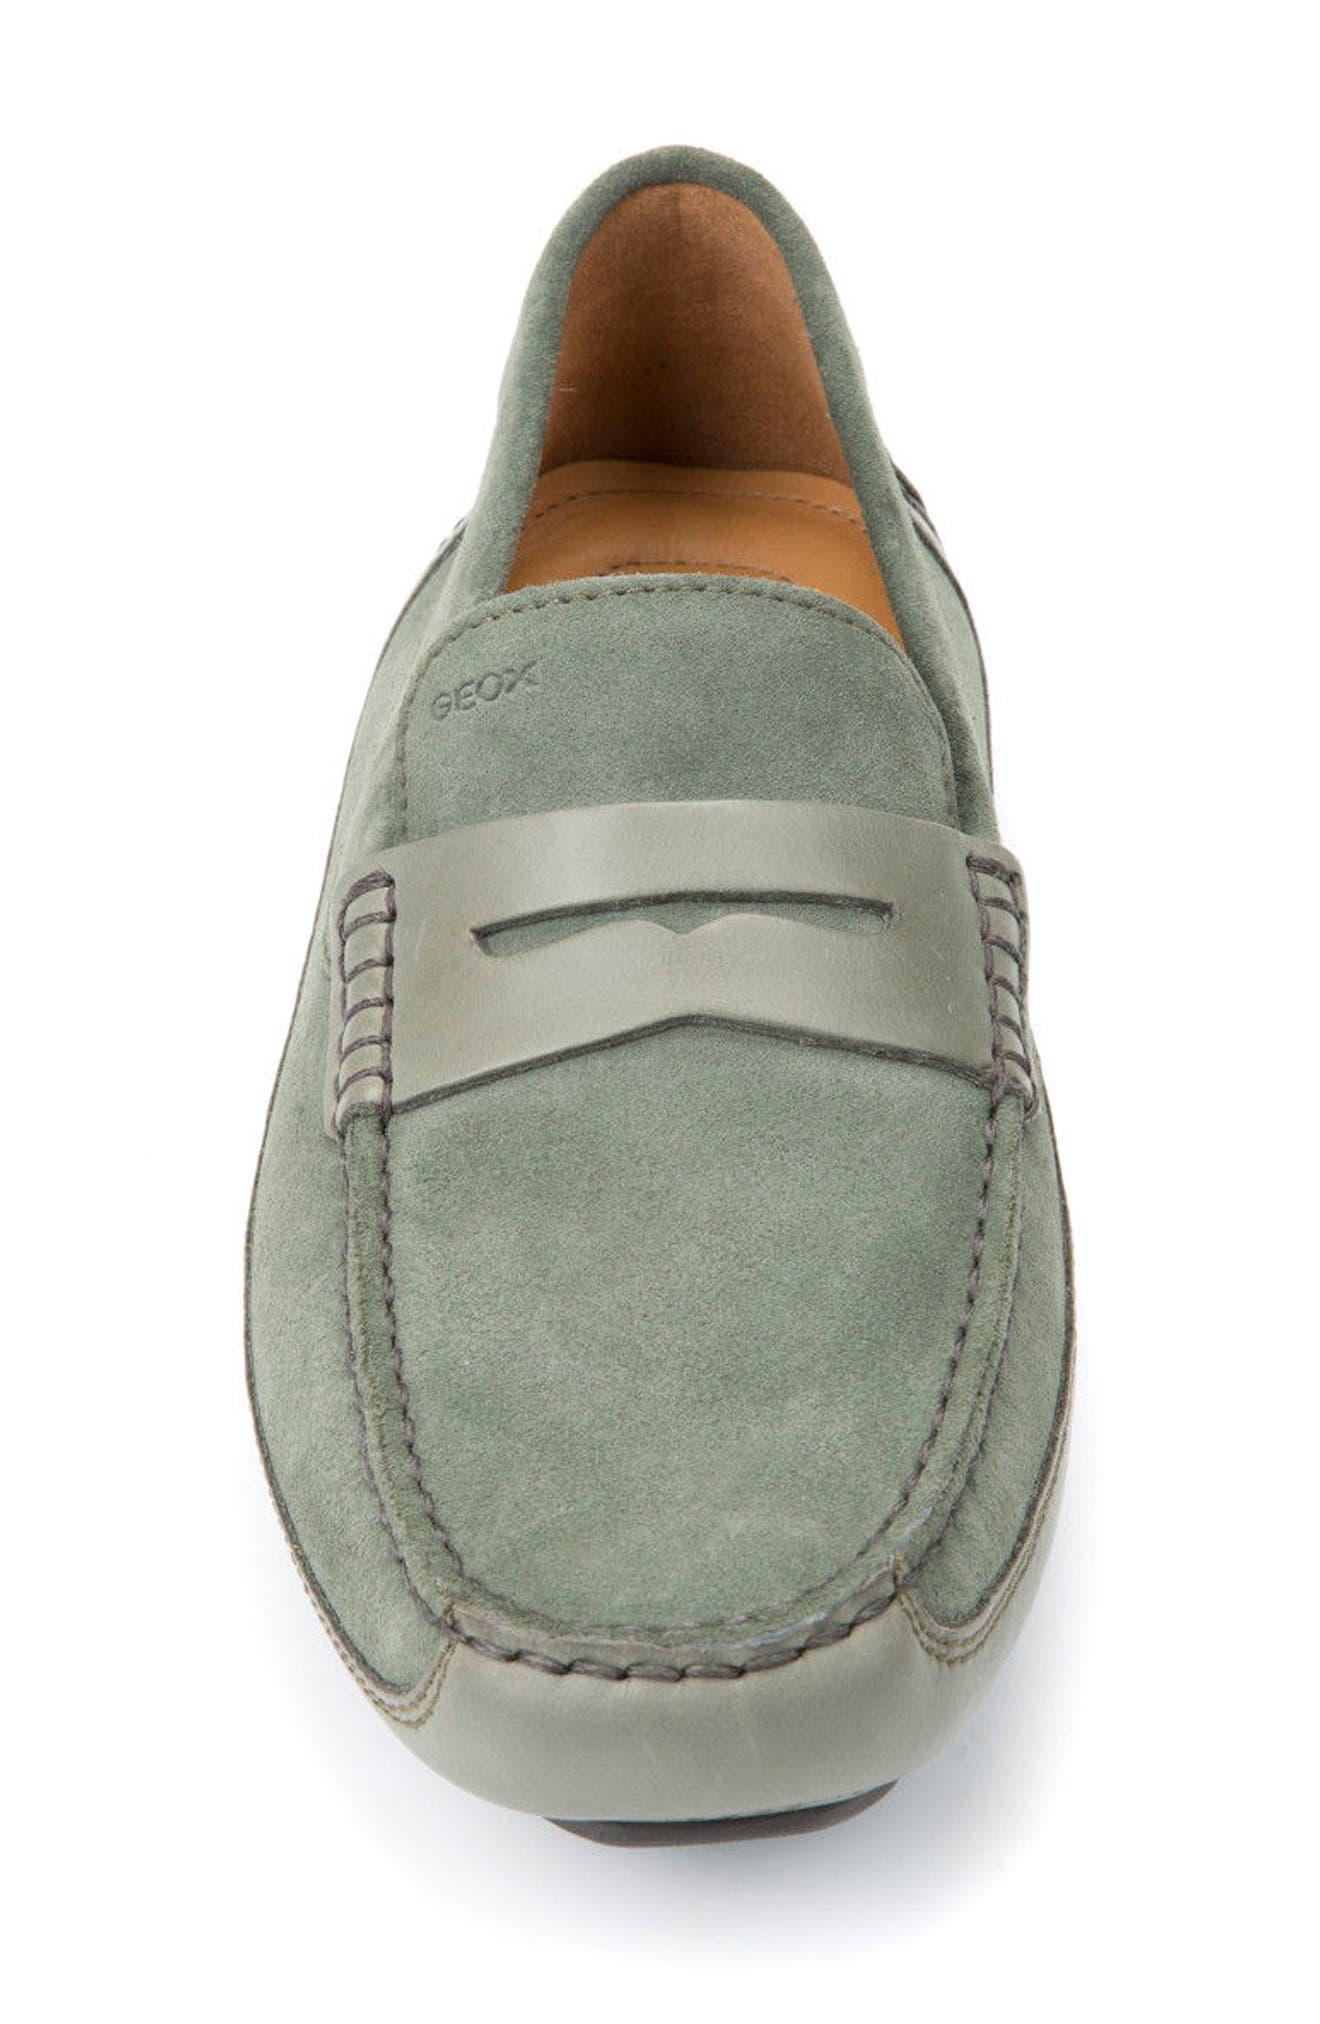 Melbourne 4 Driving Loafer,                             Alternate thumbnail 4, color,                             Sage